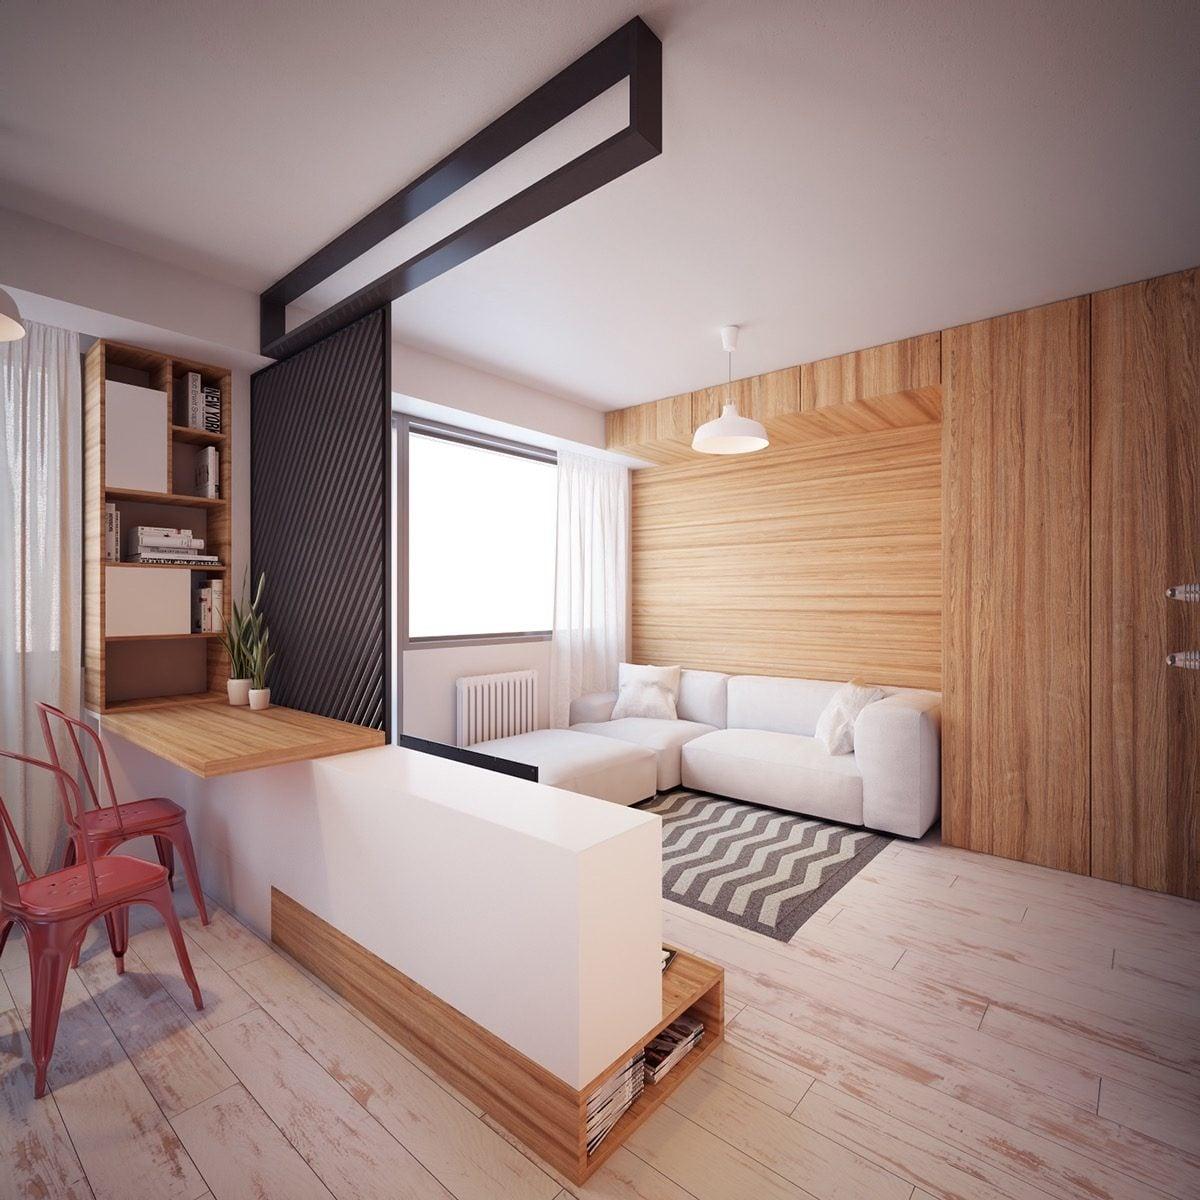 mẫu căn hộ siêu nhỏ 11